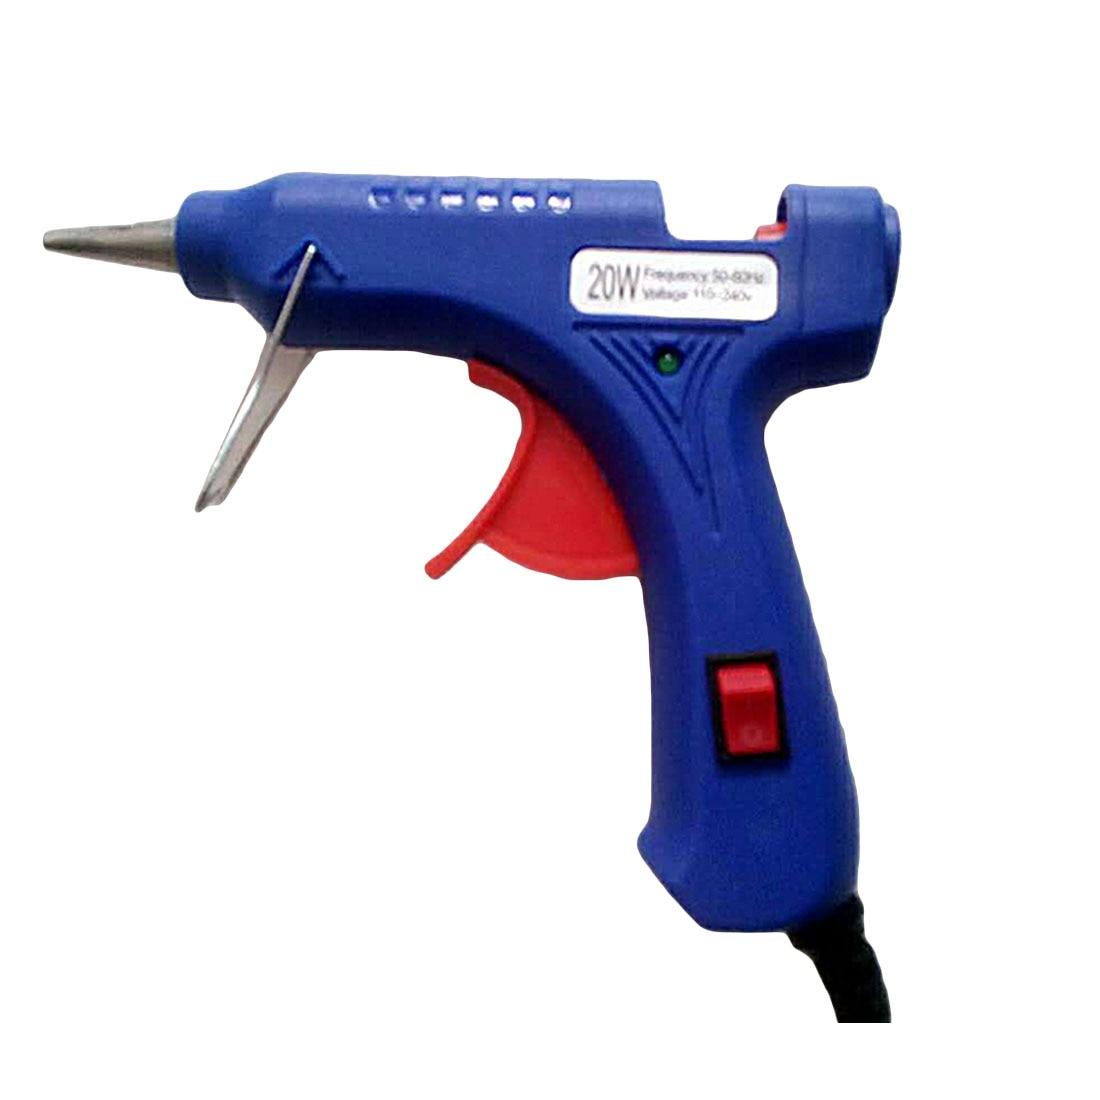 Высокая температура подогреватель 1 шт. 20 Вт ЕС Plug термоклей пистолет промышленных мини Пистолеты ЕС Plug использование 7 мм термоклей палочки